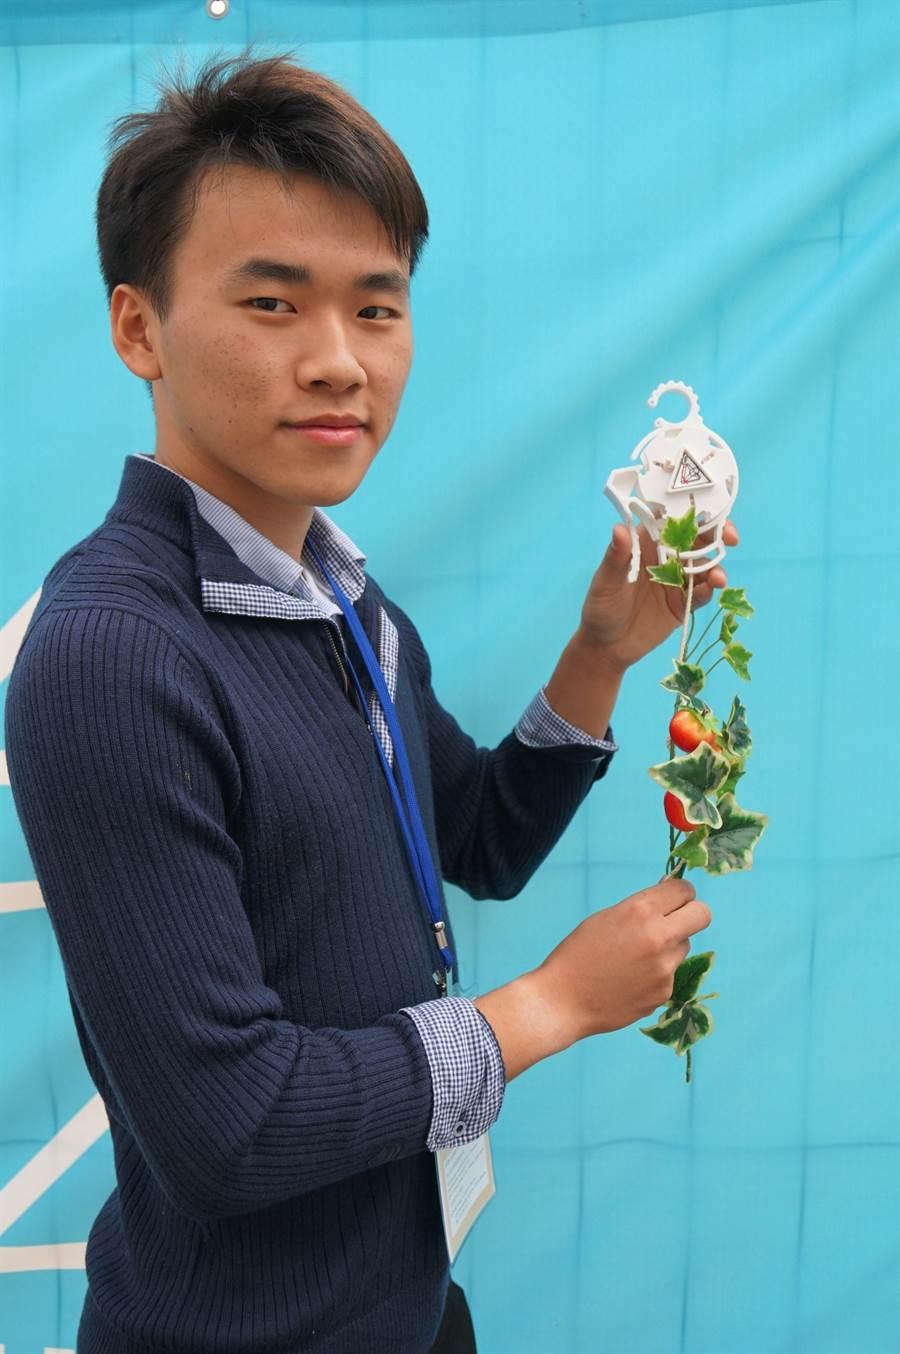 高雄科技大學學生賴策方與同學設計攀藤作物生長輔具「Roller Planter」獲得金牌。(中華創新發明學會提供)